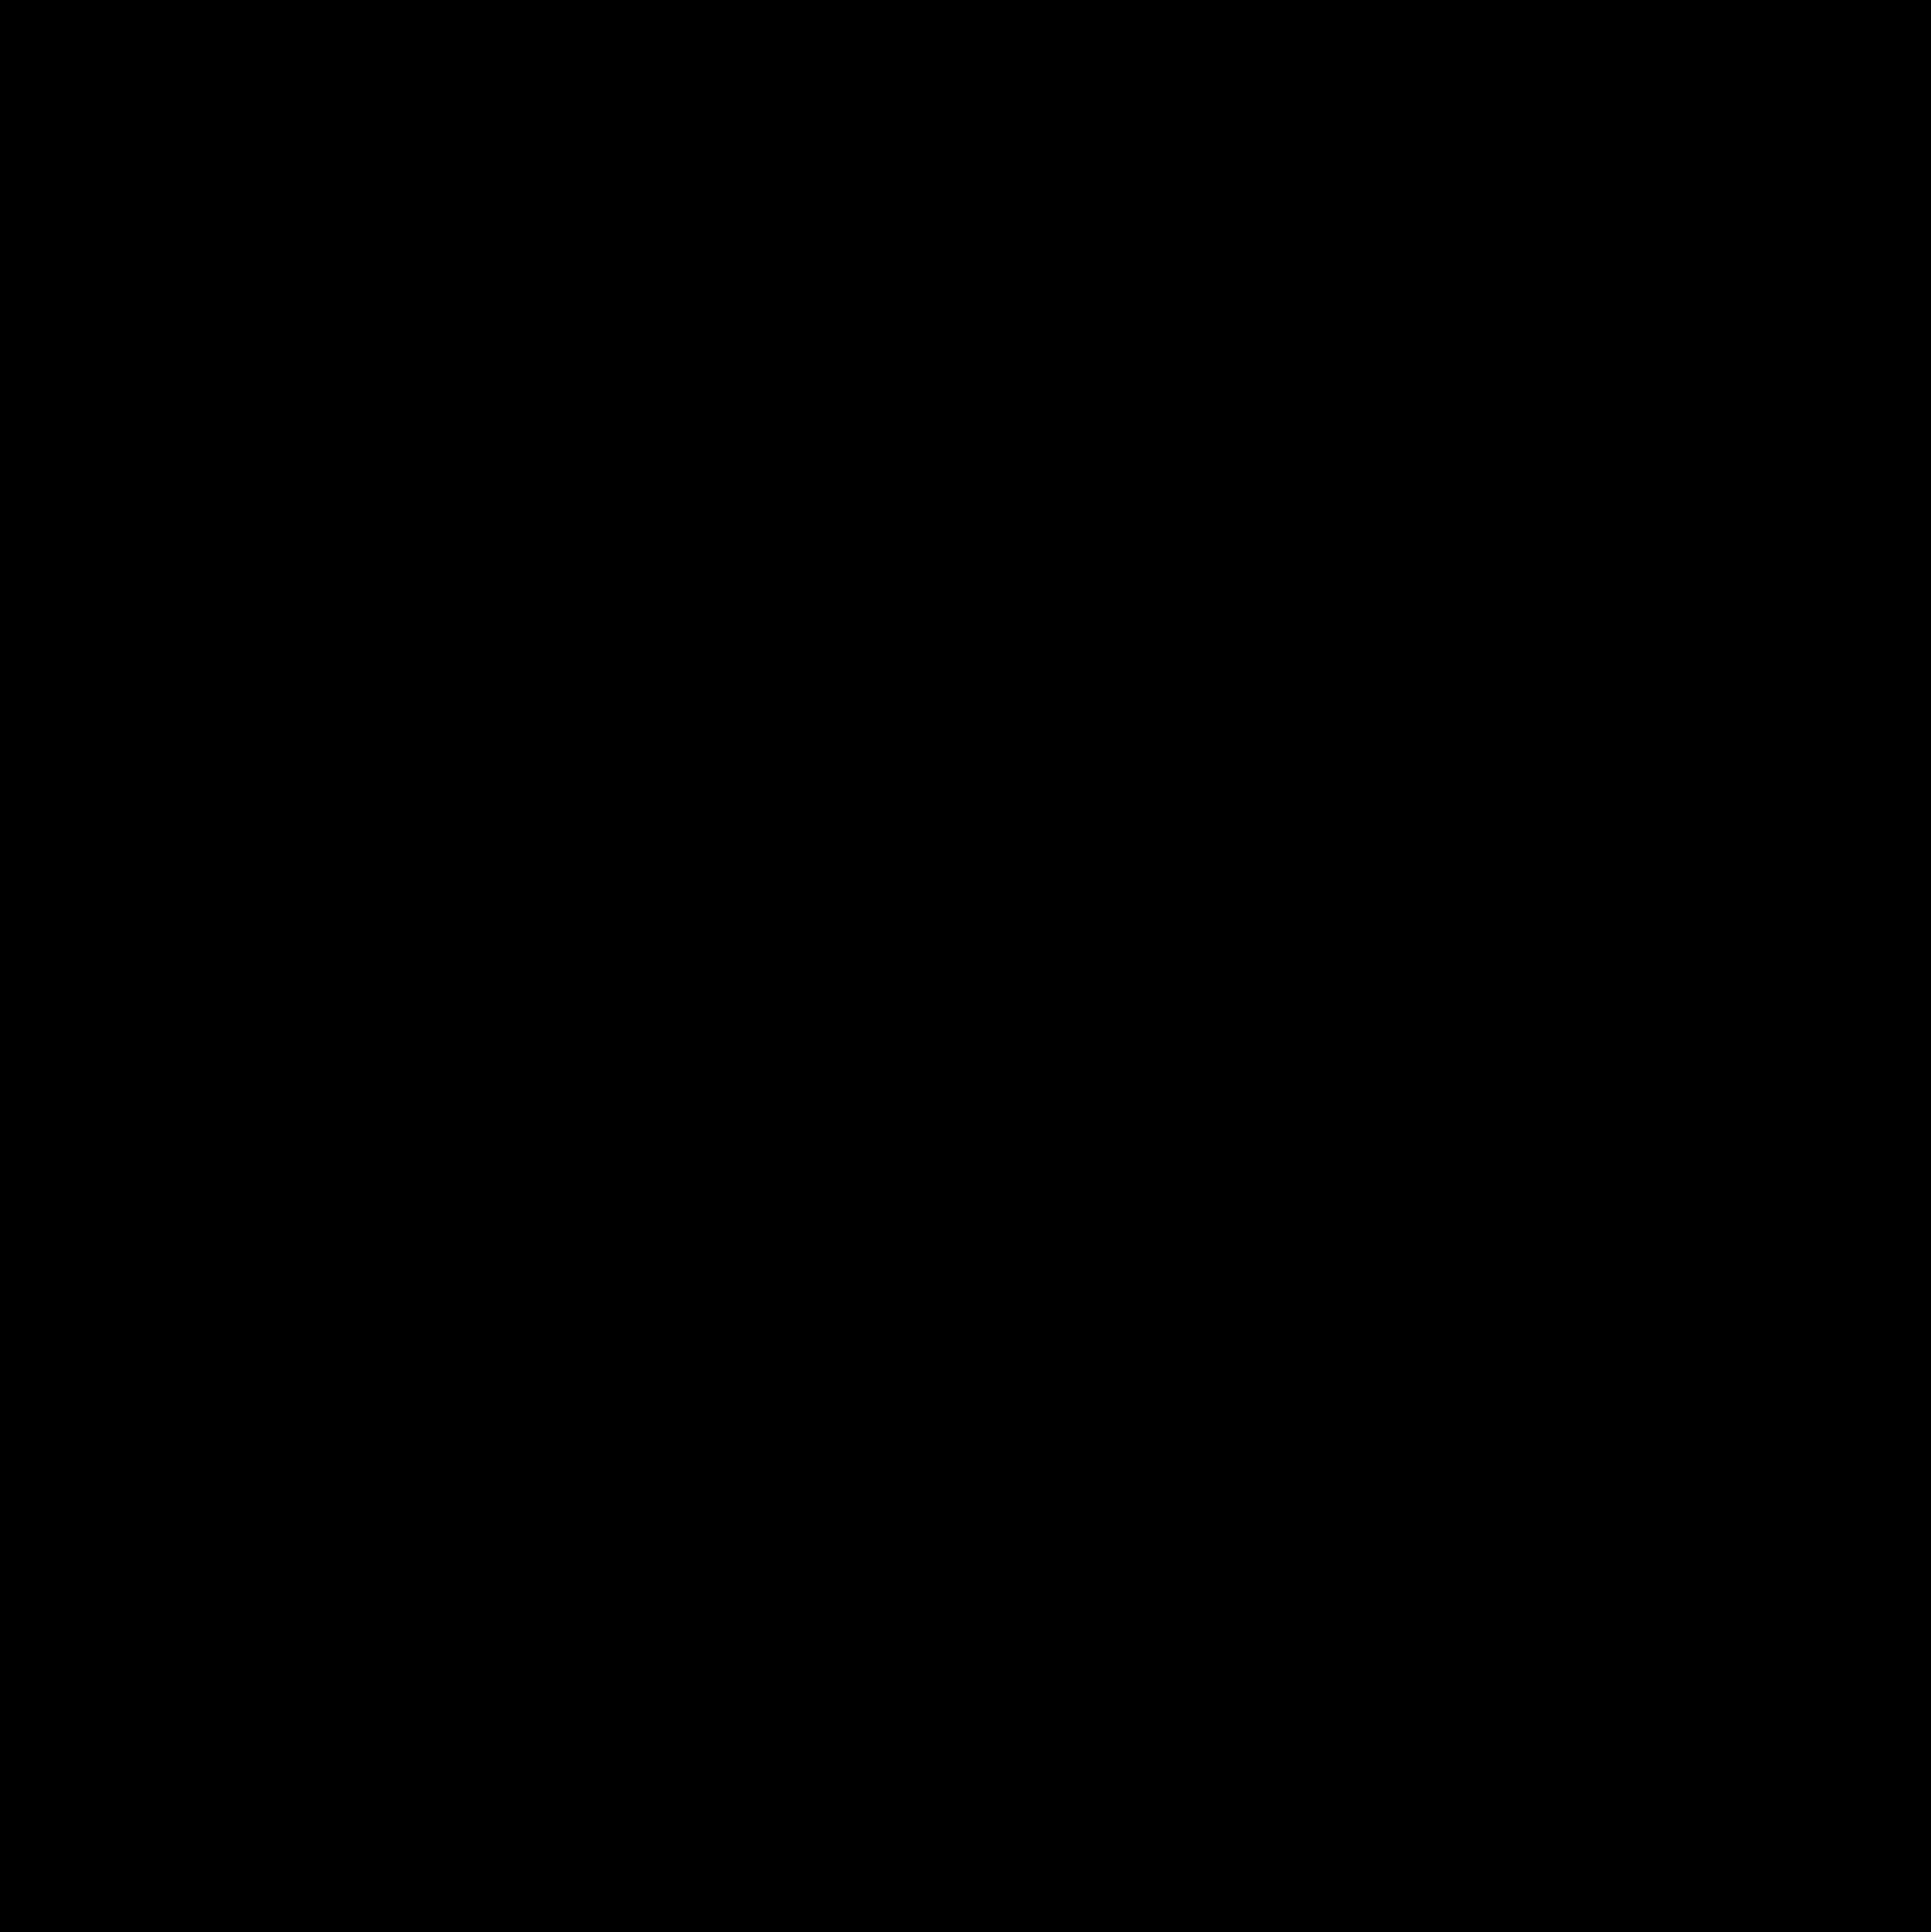 Giasociacija